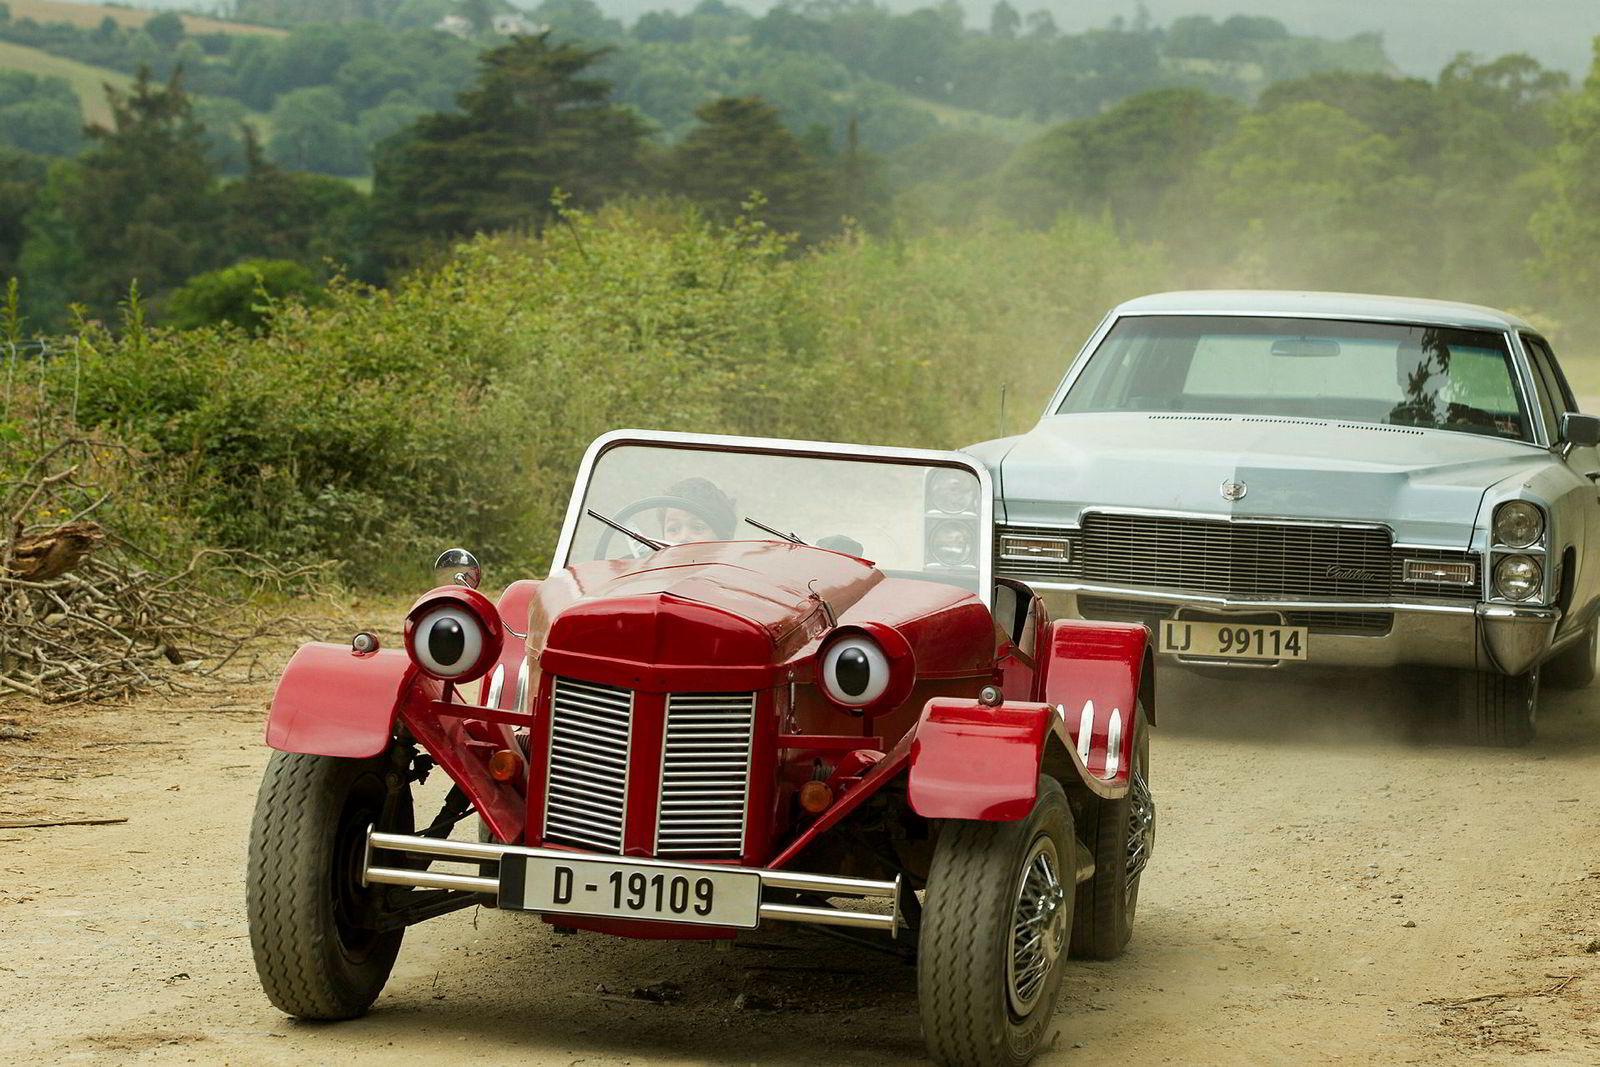 Ble bil. Skaperne Myklebust og Thorsen trekker frem at «Gråtass» i Cinenords andre film, «I farta», ble ombygget til bil som et eksempel på tukling med merkevaren.